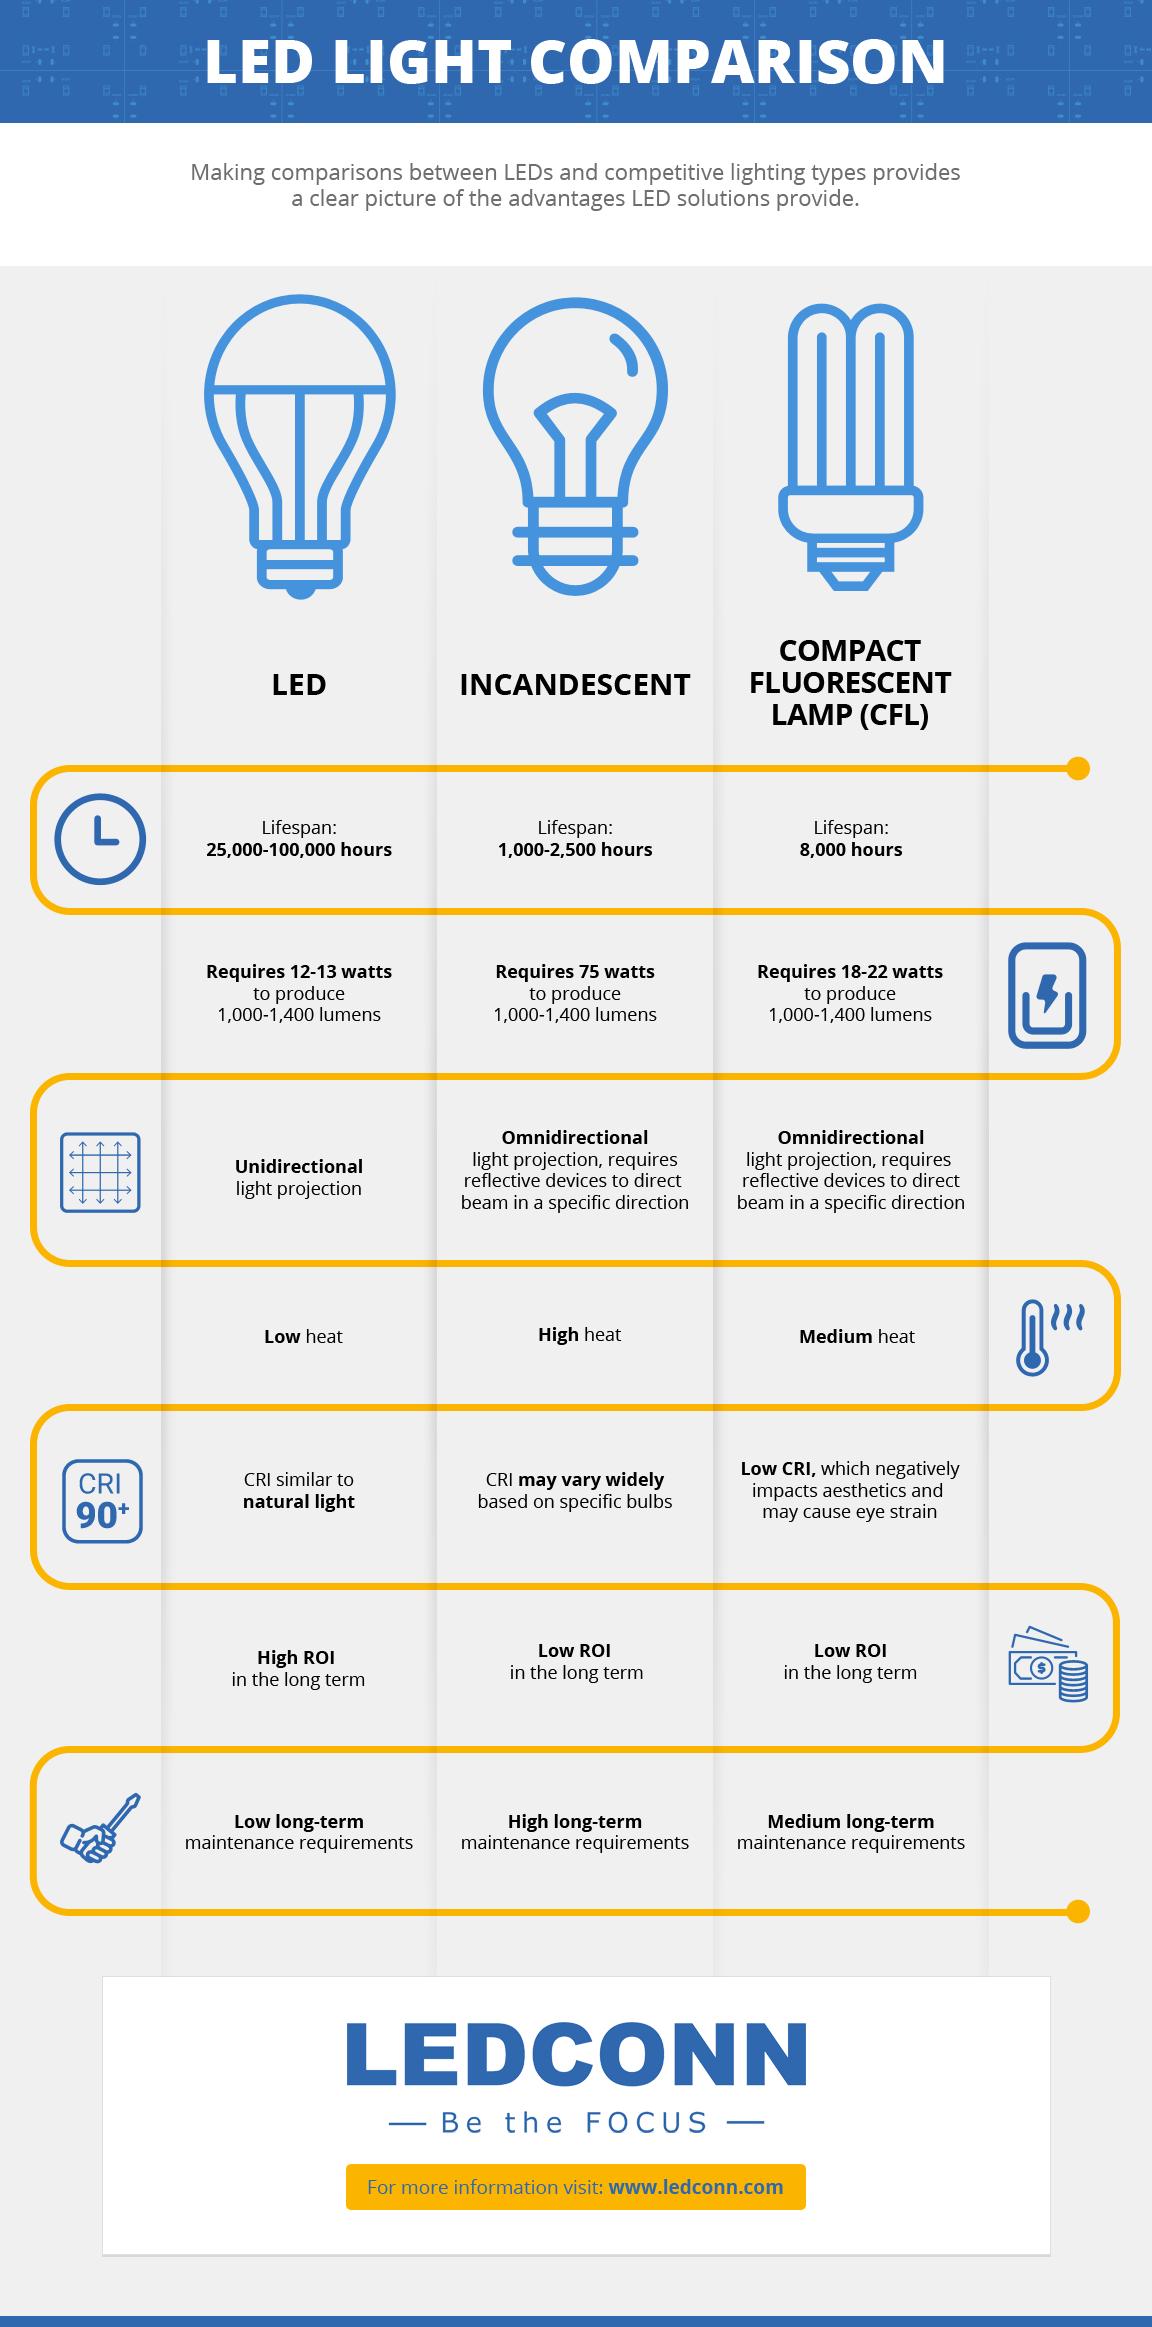 LED Light Comparison infographic